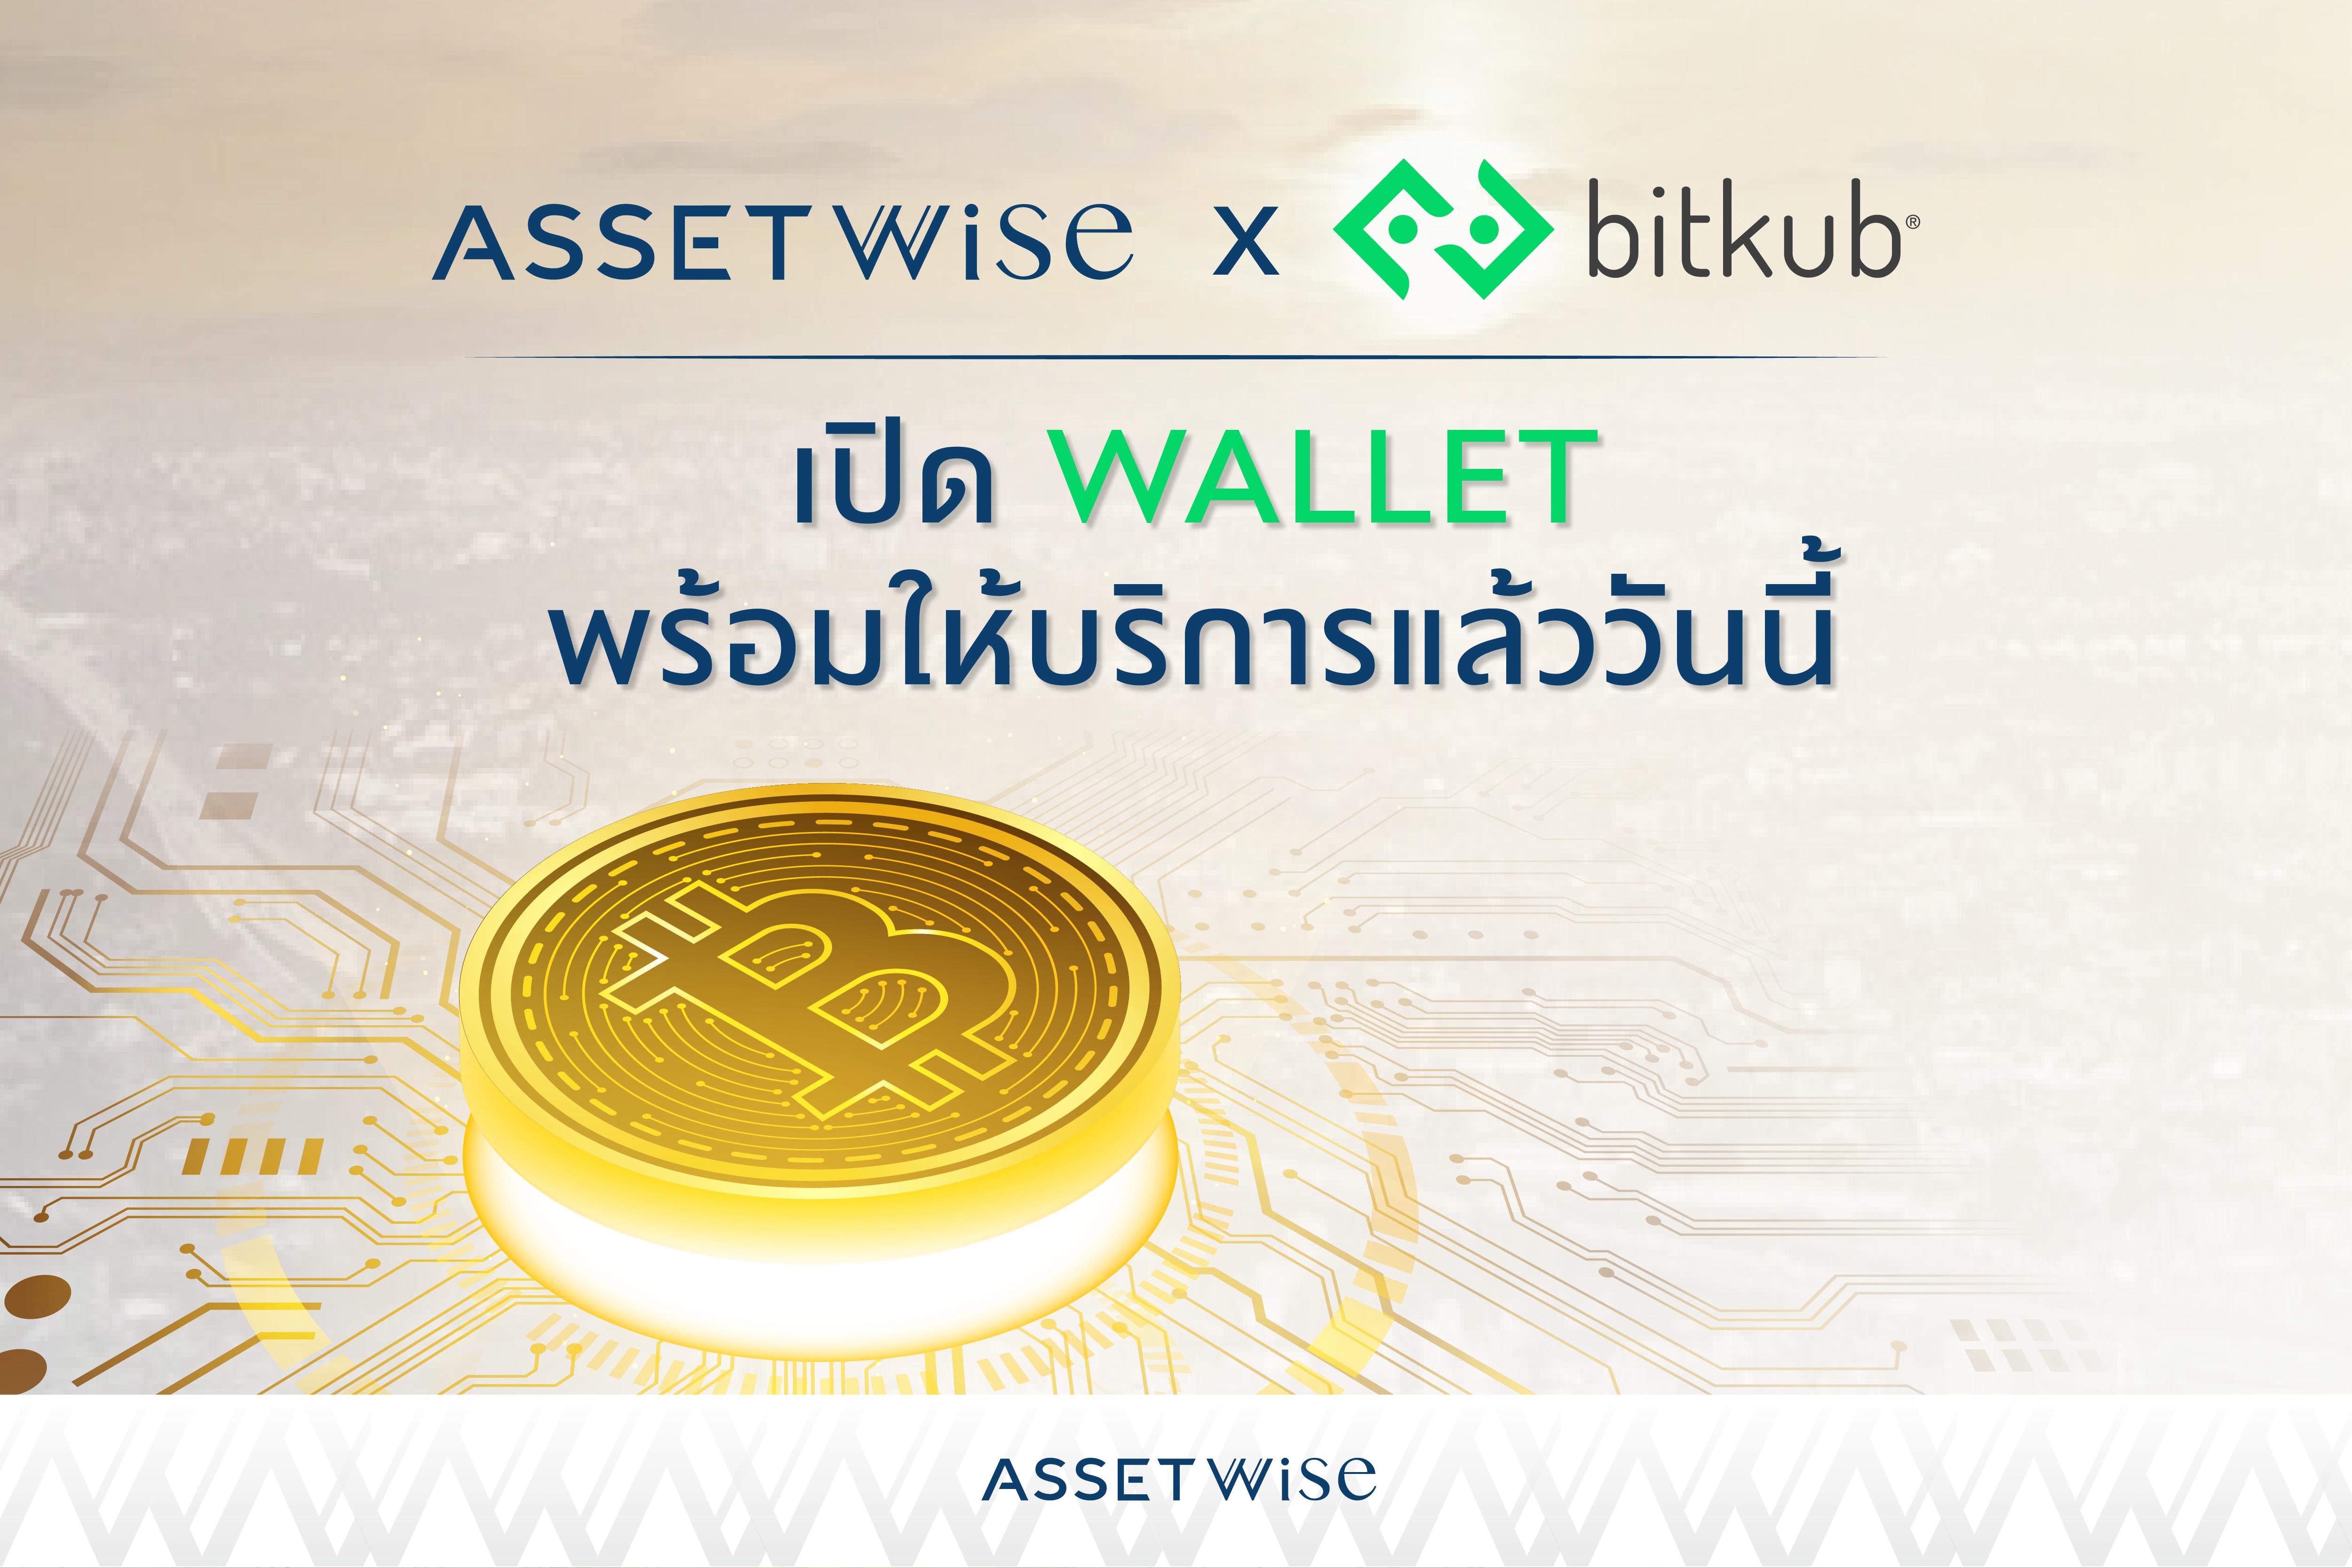 AssetWise ร่วมกับ Bitkub เพิ่มทางเลือกในการแลกเงินดิจิทัลเป็นเงินบาท